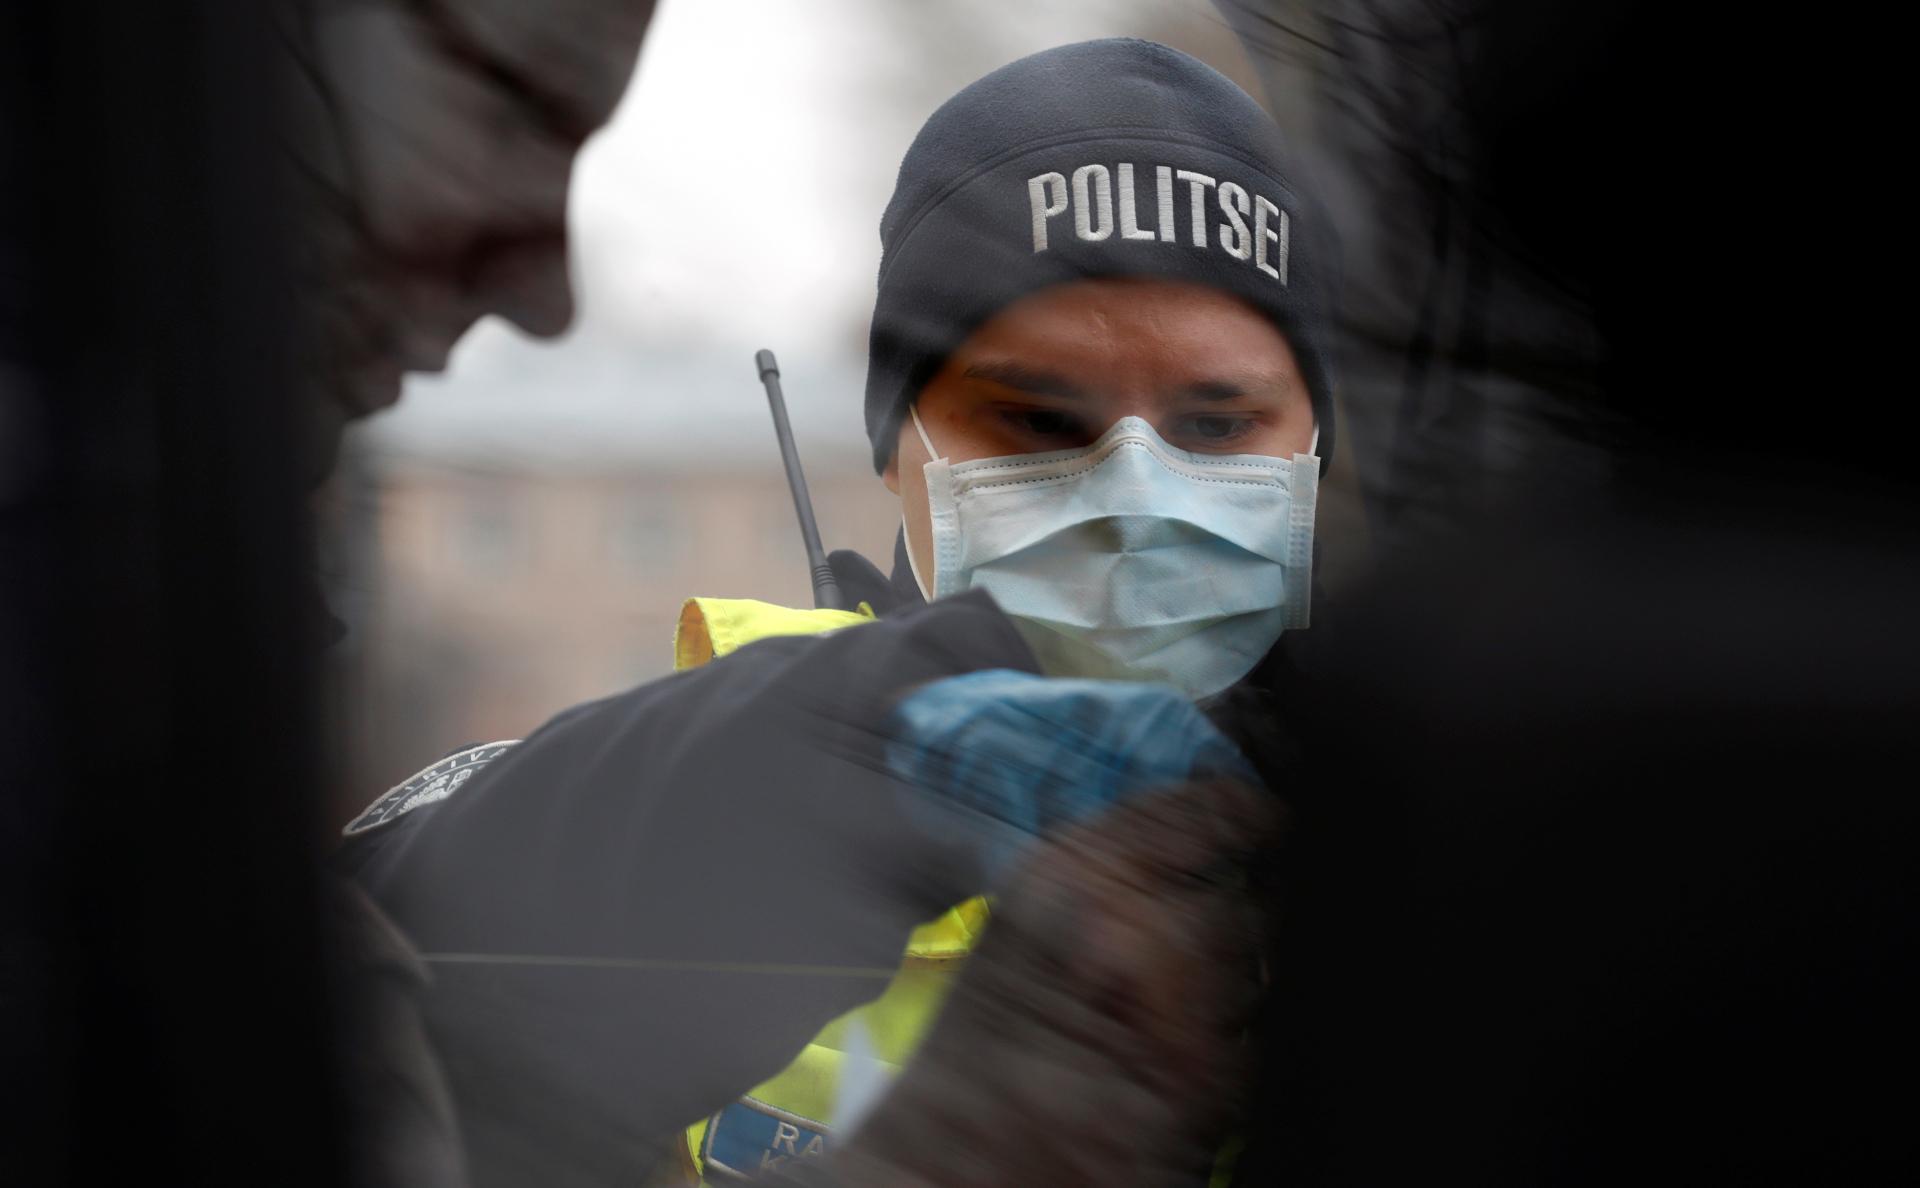 Фото: Ints Kalnins / Reuters